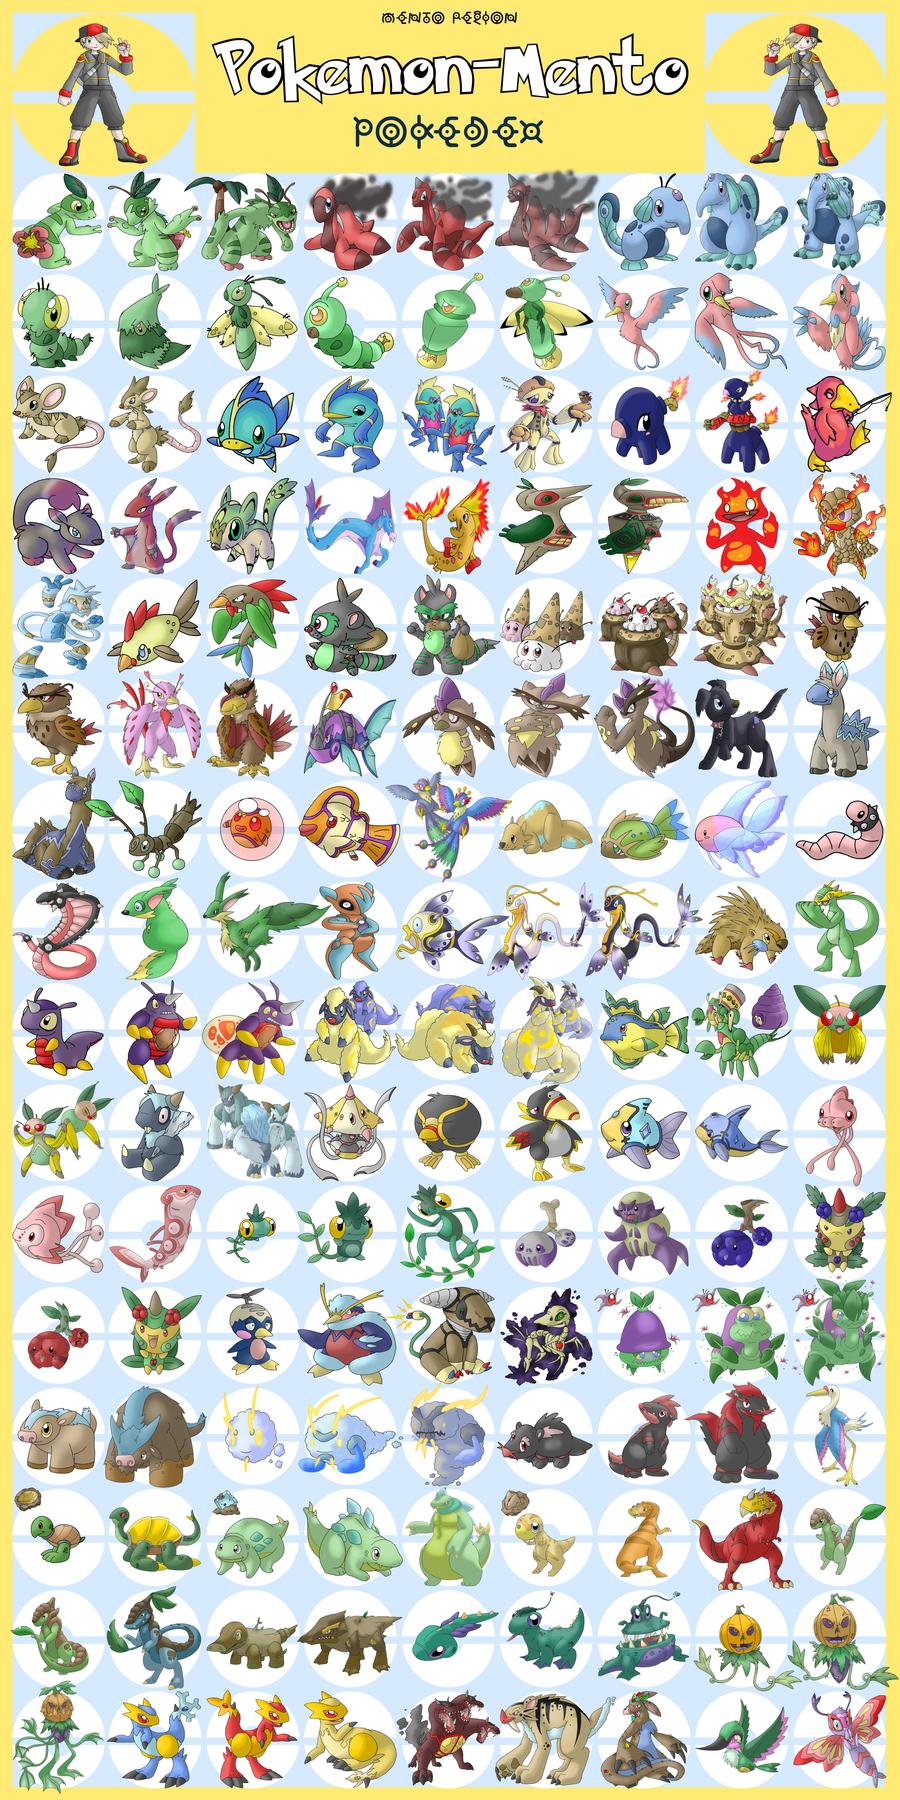 Zona da quinta geração The_Mento_Region_Pokedex_by_Pokemon_Mento